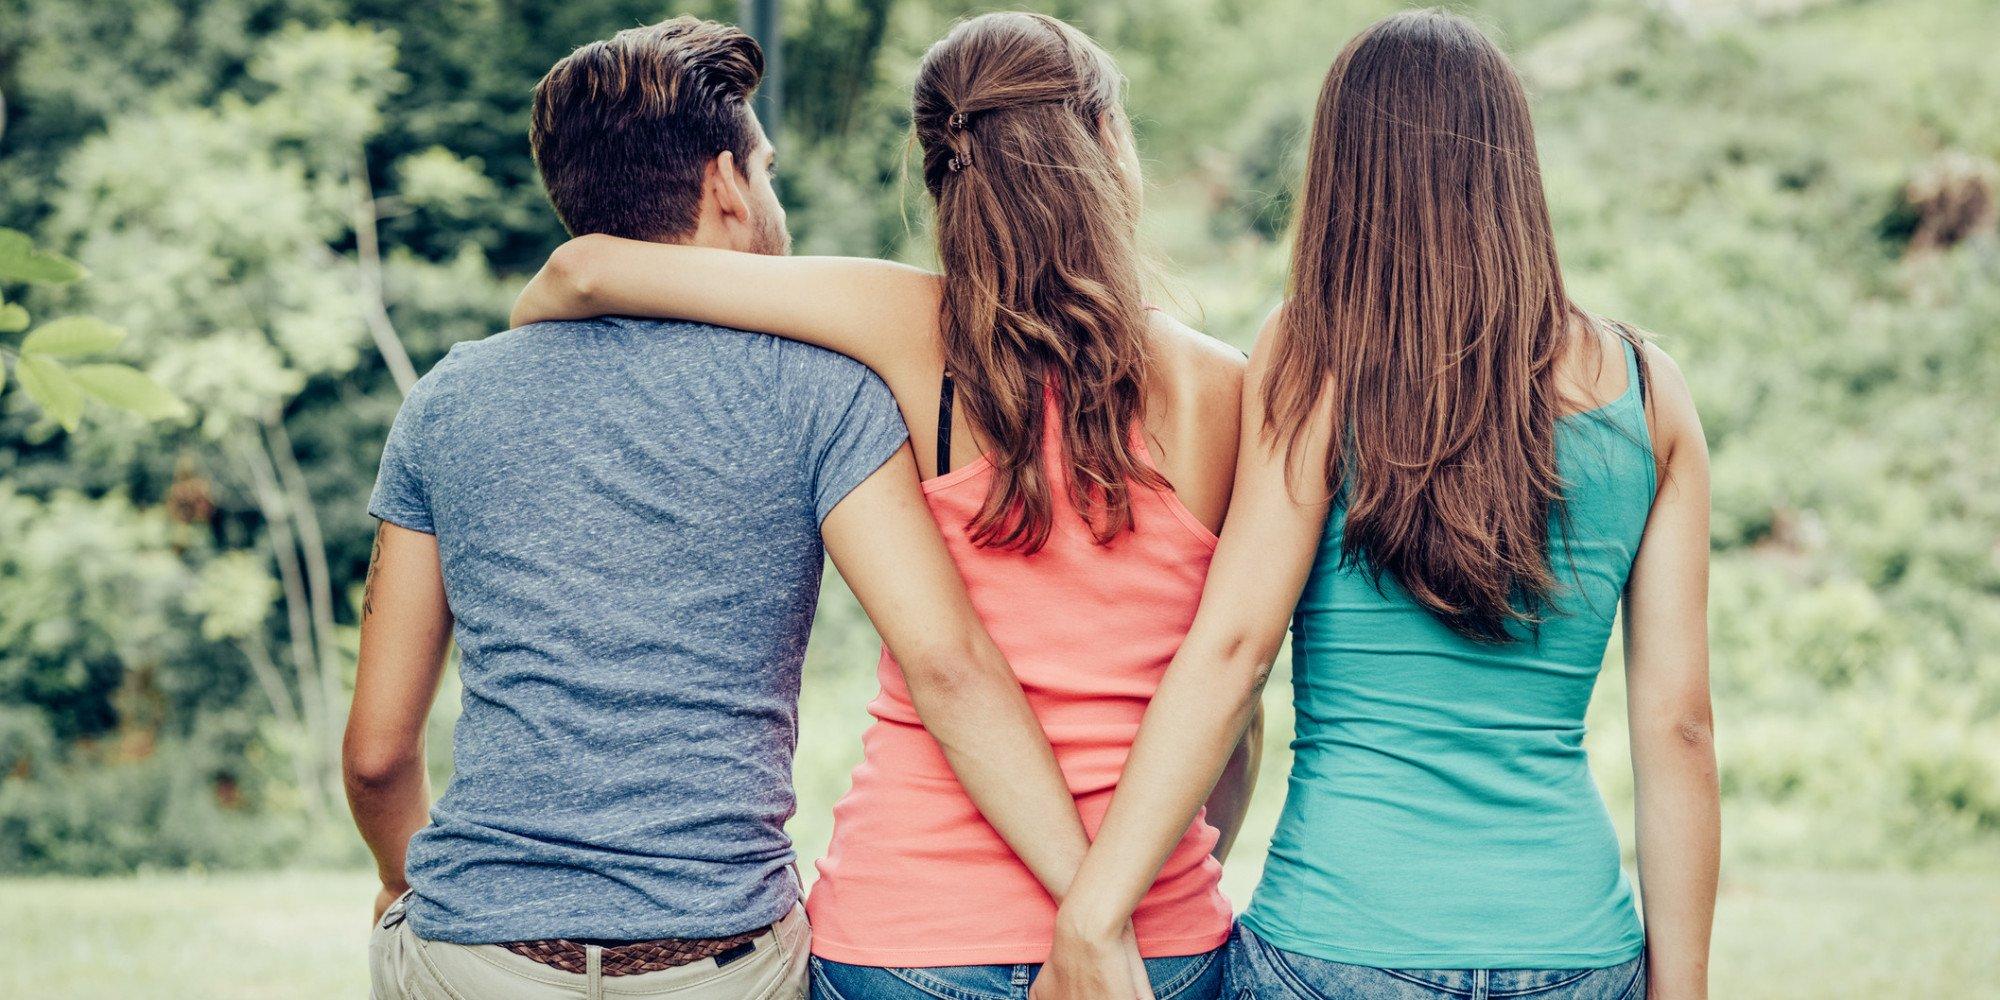 Фото девушек как любят мальчики